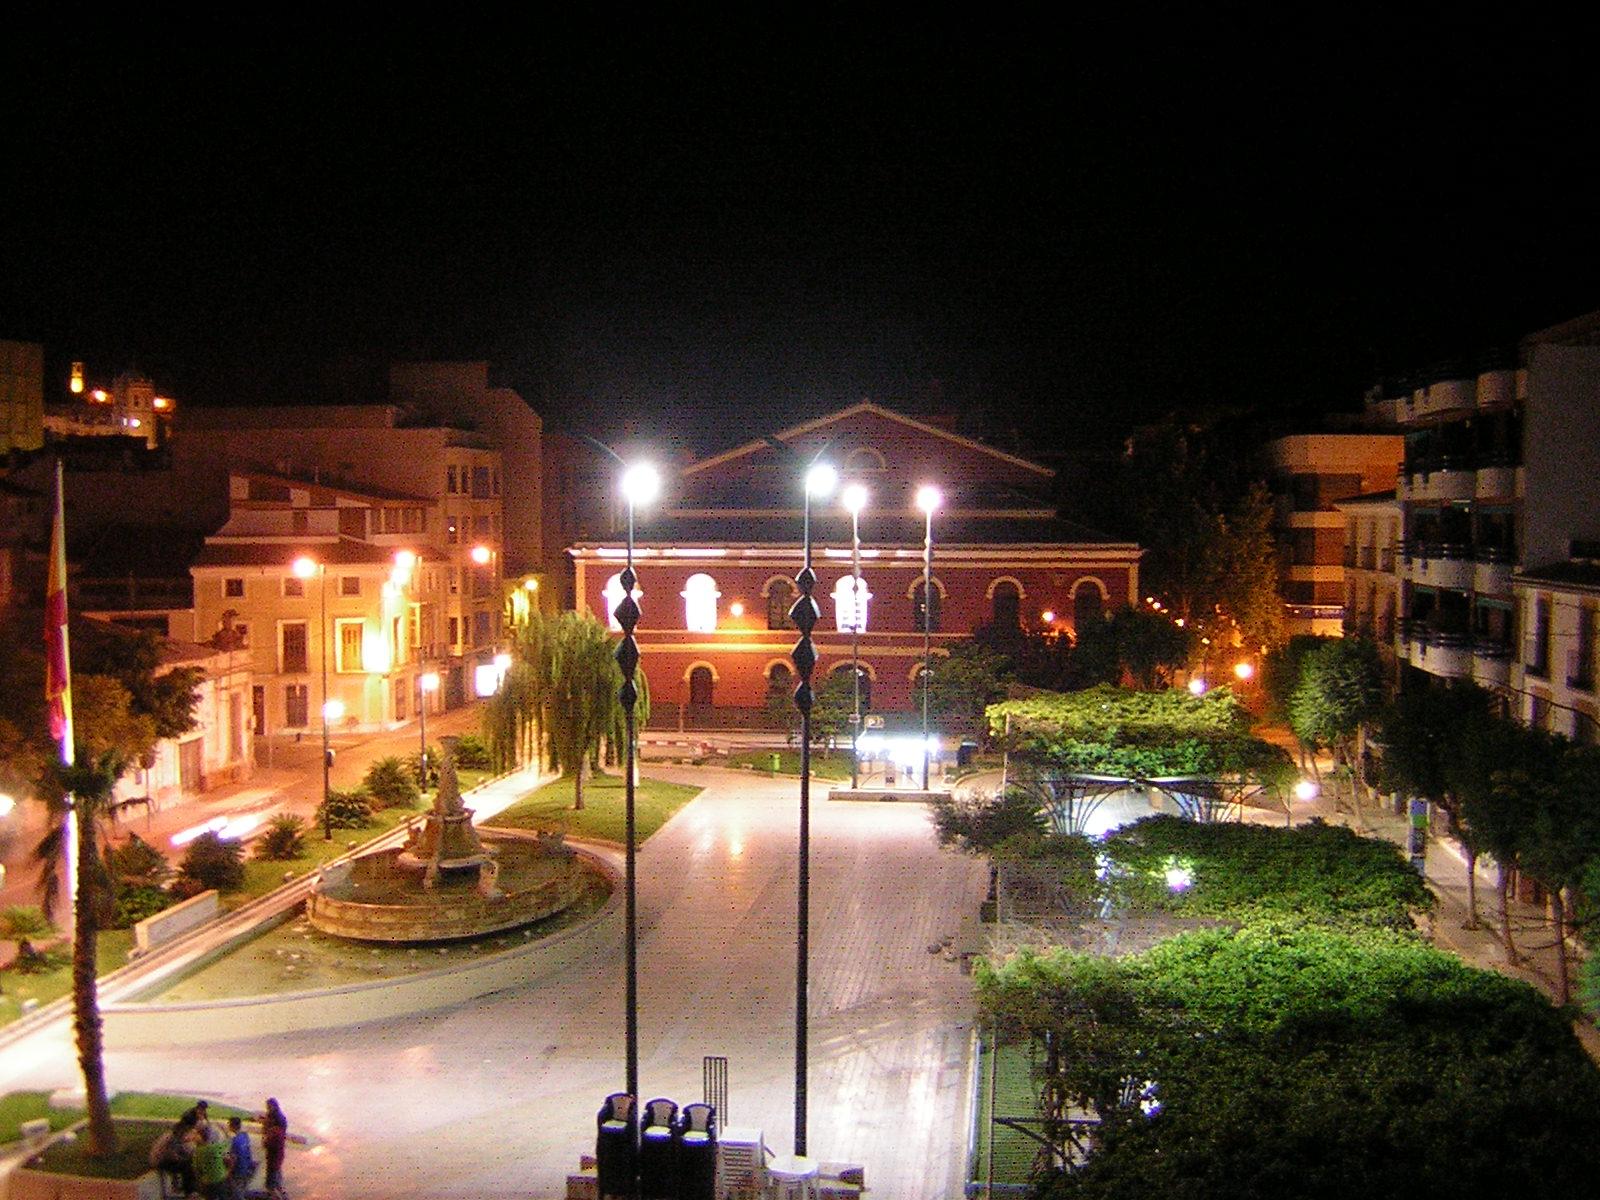 Plaza col n lorca fotos de ciudades y pueblos de la for Spa jardines lorca